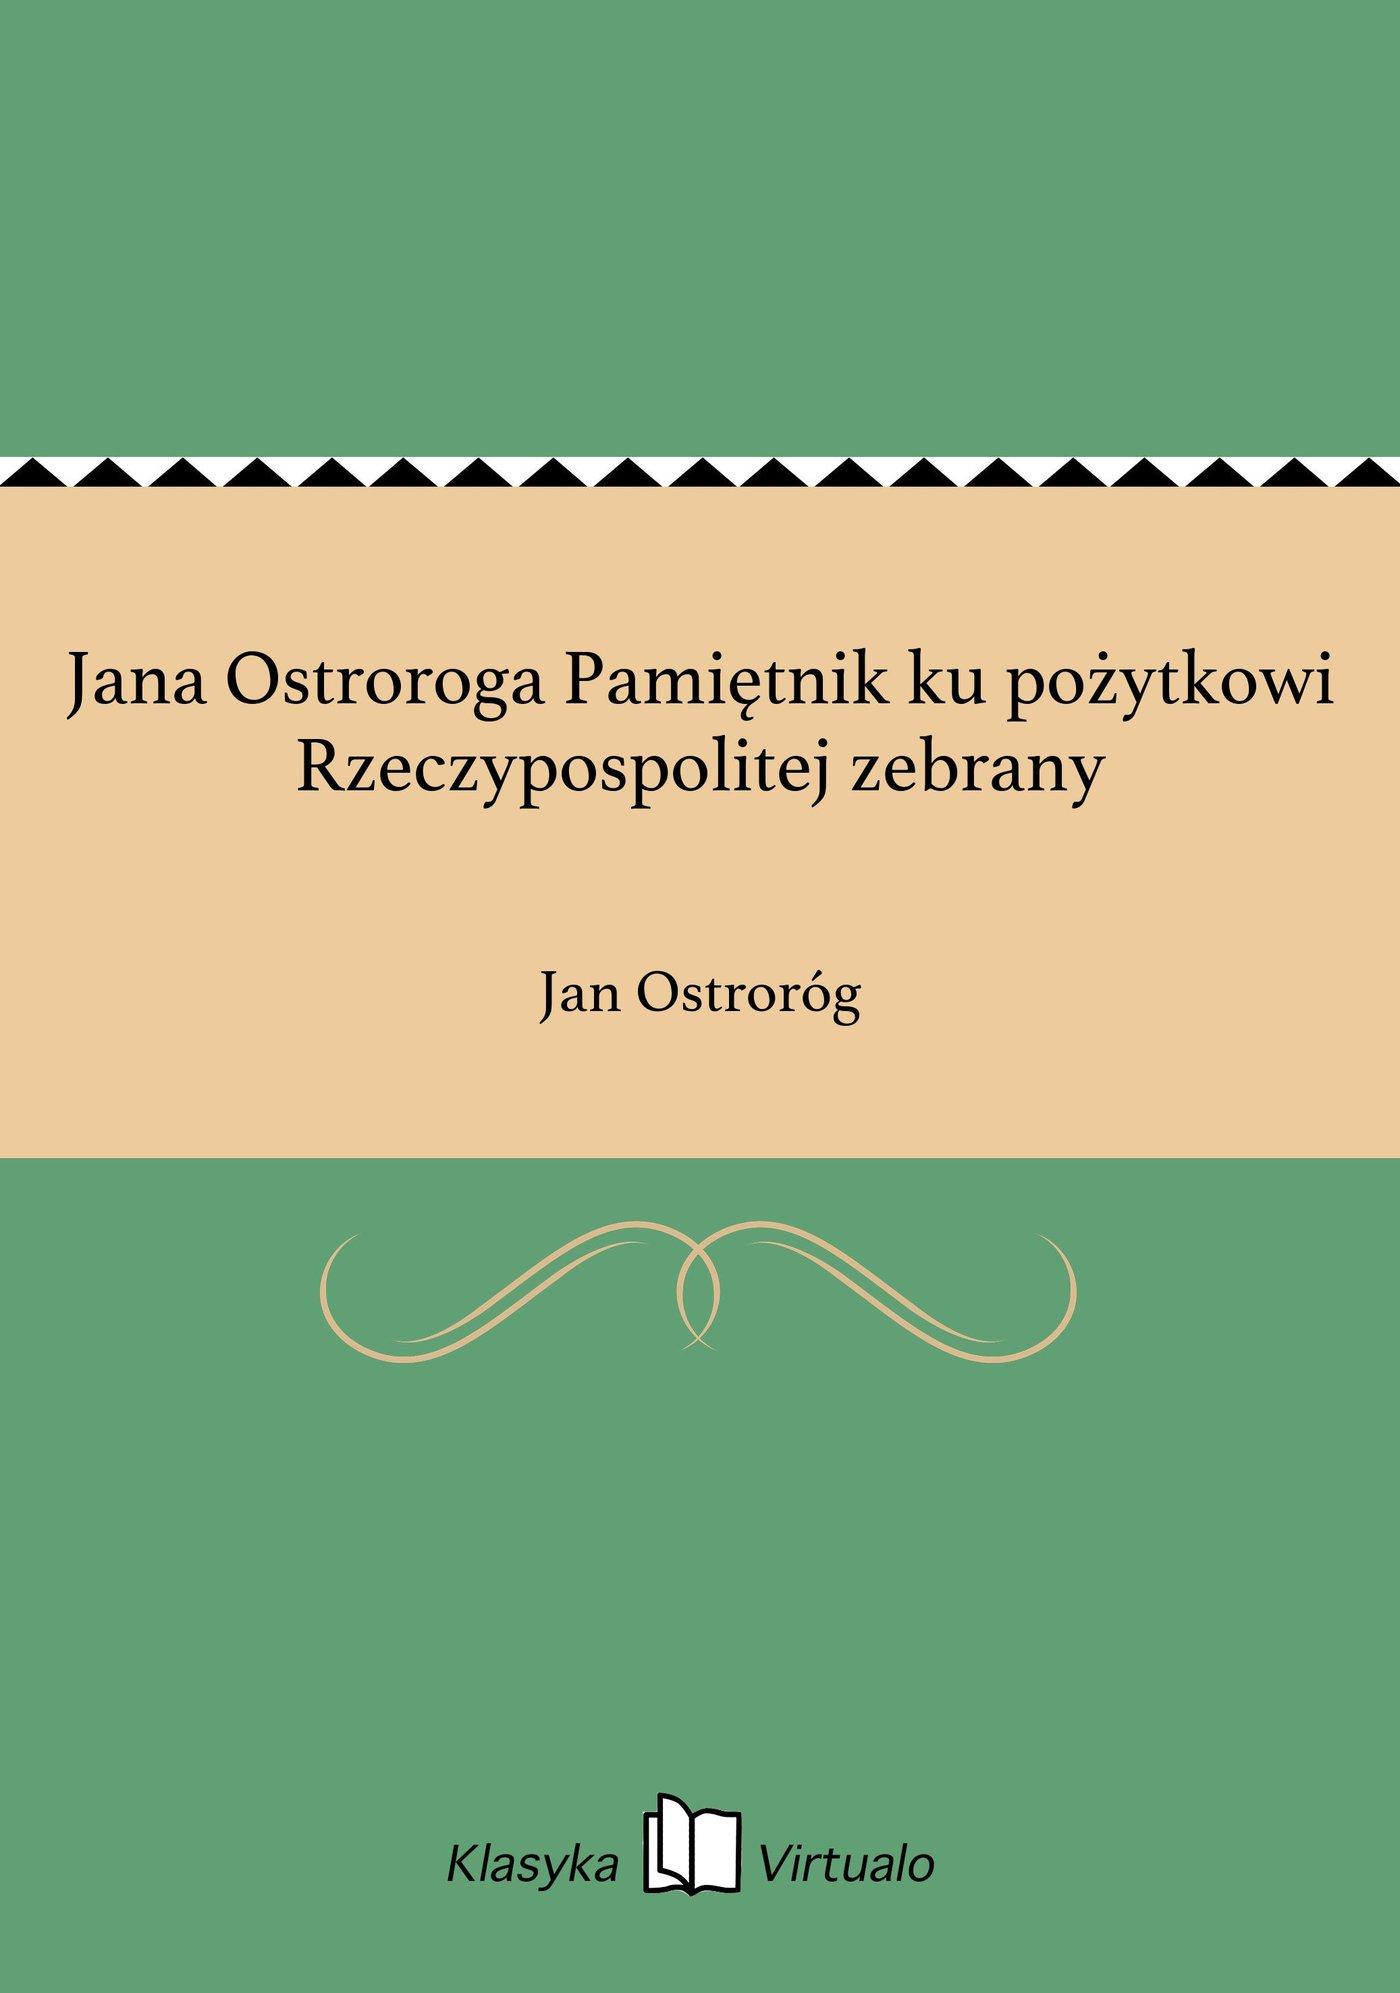 Jana Ostroroga Pamiętnik ku pożytkowi Rzeczypospolitej zebrany - Ebook (Książka EPUB) do pobrania w formacie EPUB